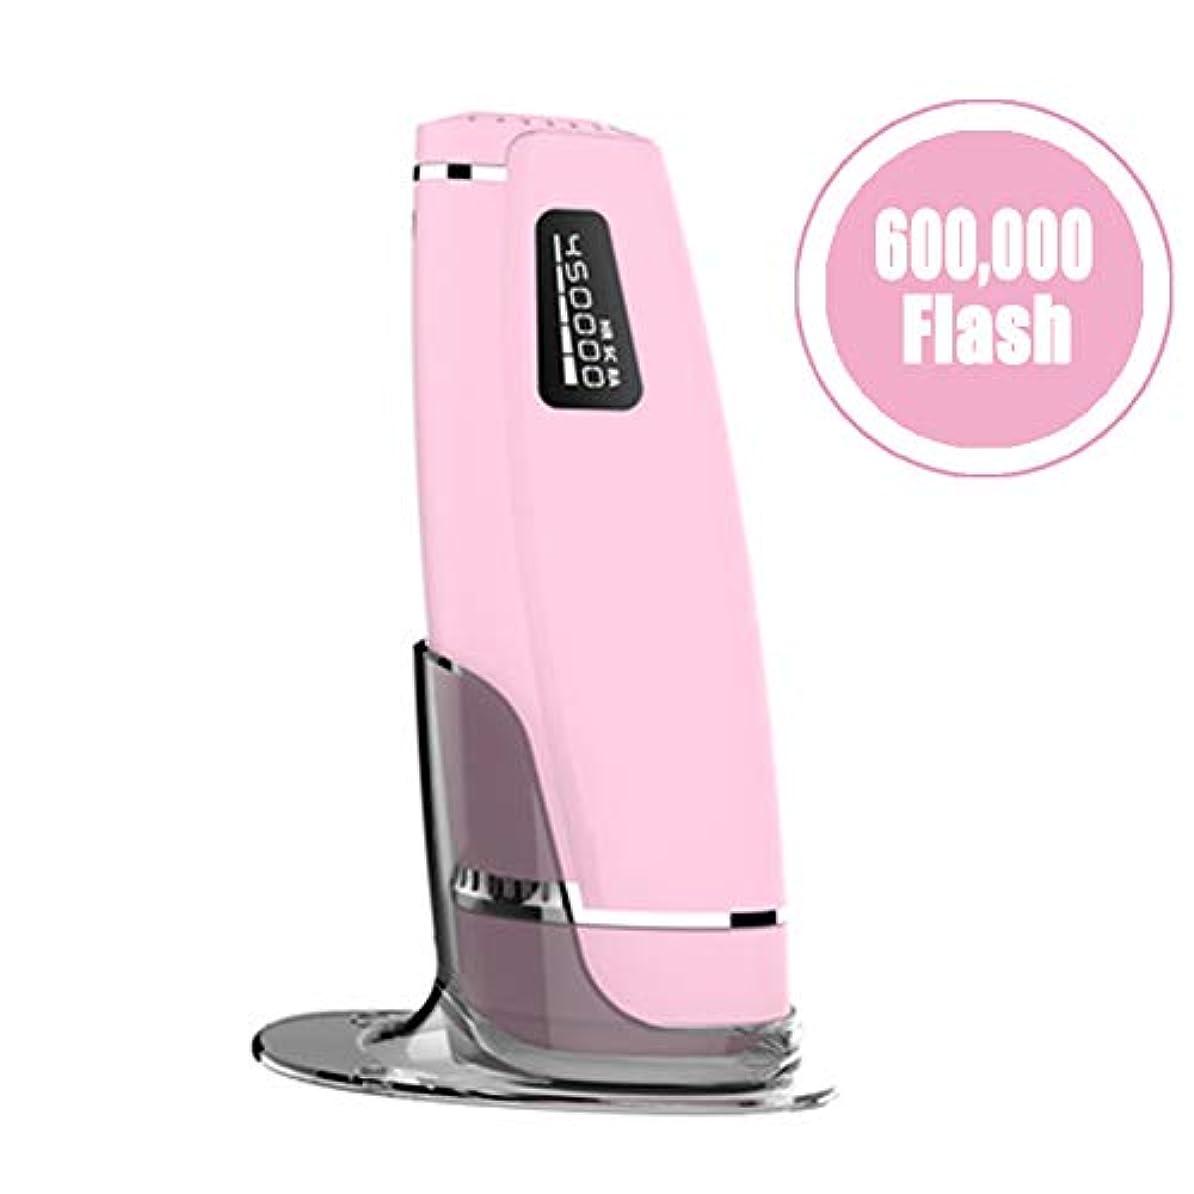 比率株式森林アップグレードIPLレーザー脱毛システムデバイス、60万回のフラッシュ無痛常設パルス光脱毛器にとってボディフェイス脇の下ビキニライン,Pink